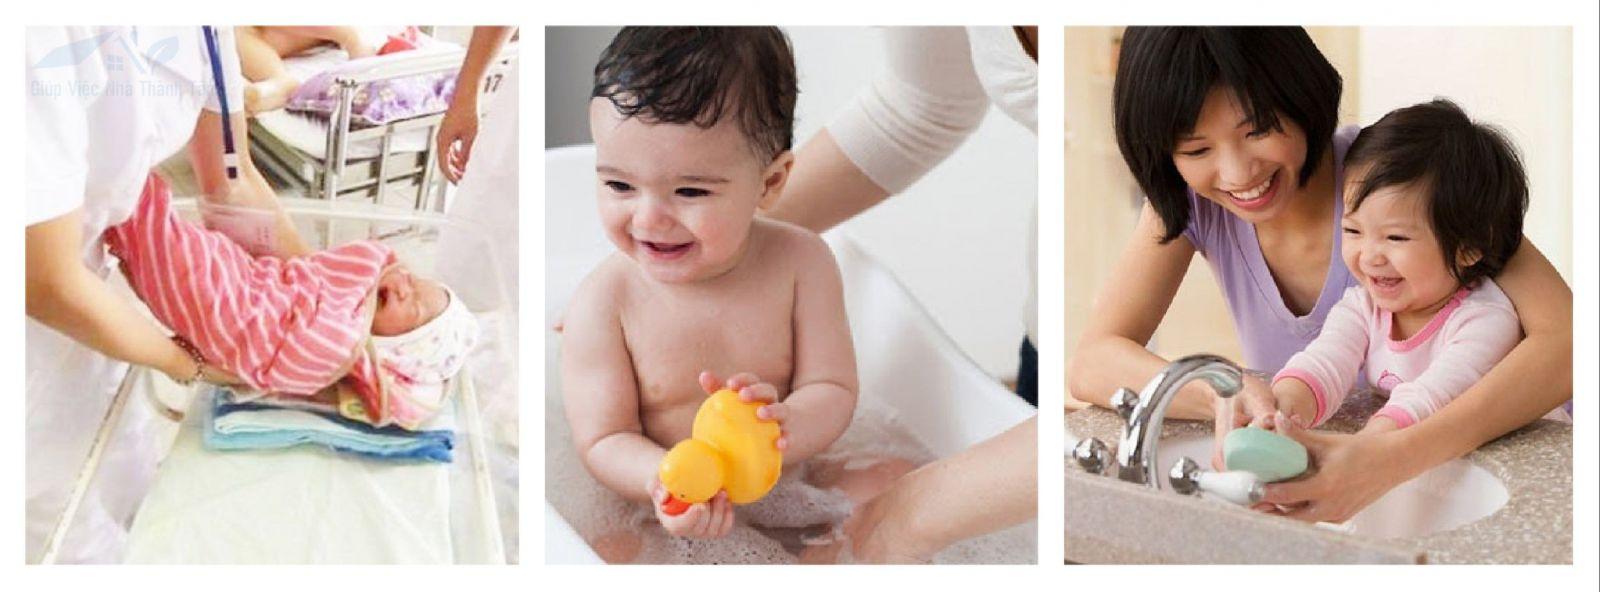 Giúp việc nuôi sanh, chăm sóc em bé sơ sinh quận 11